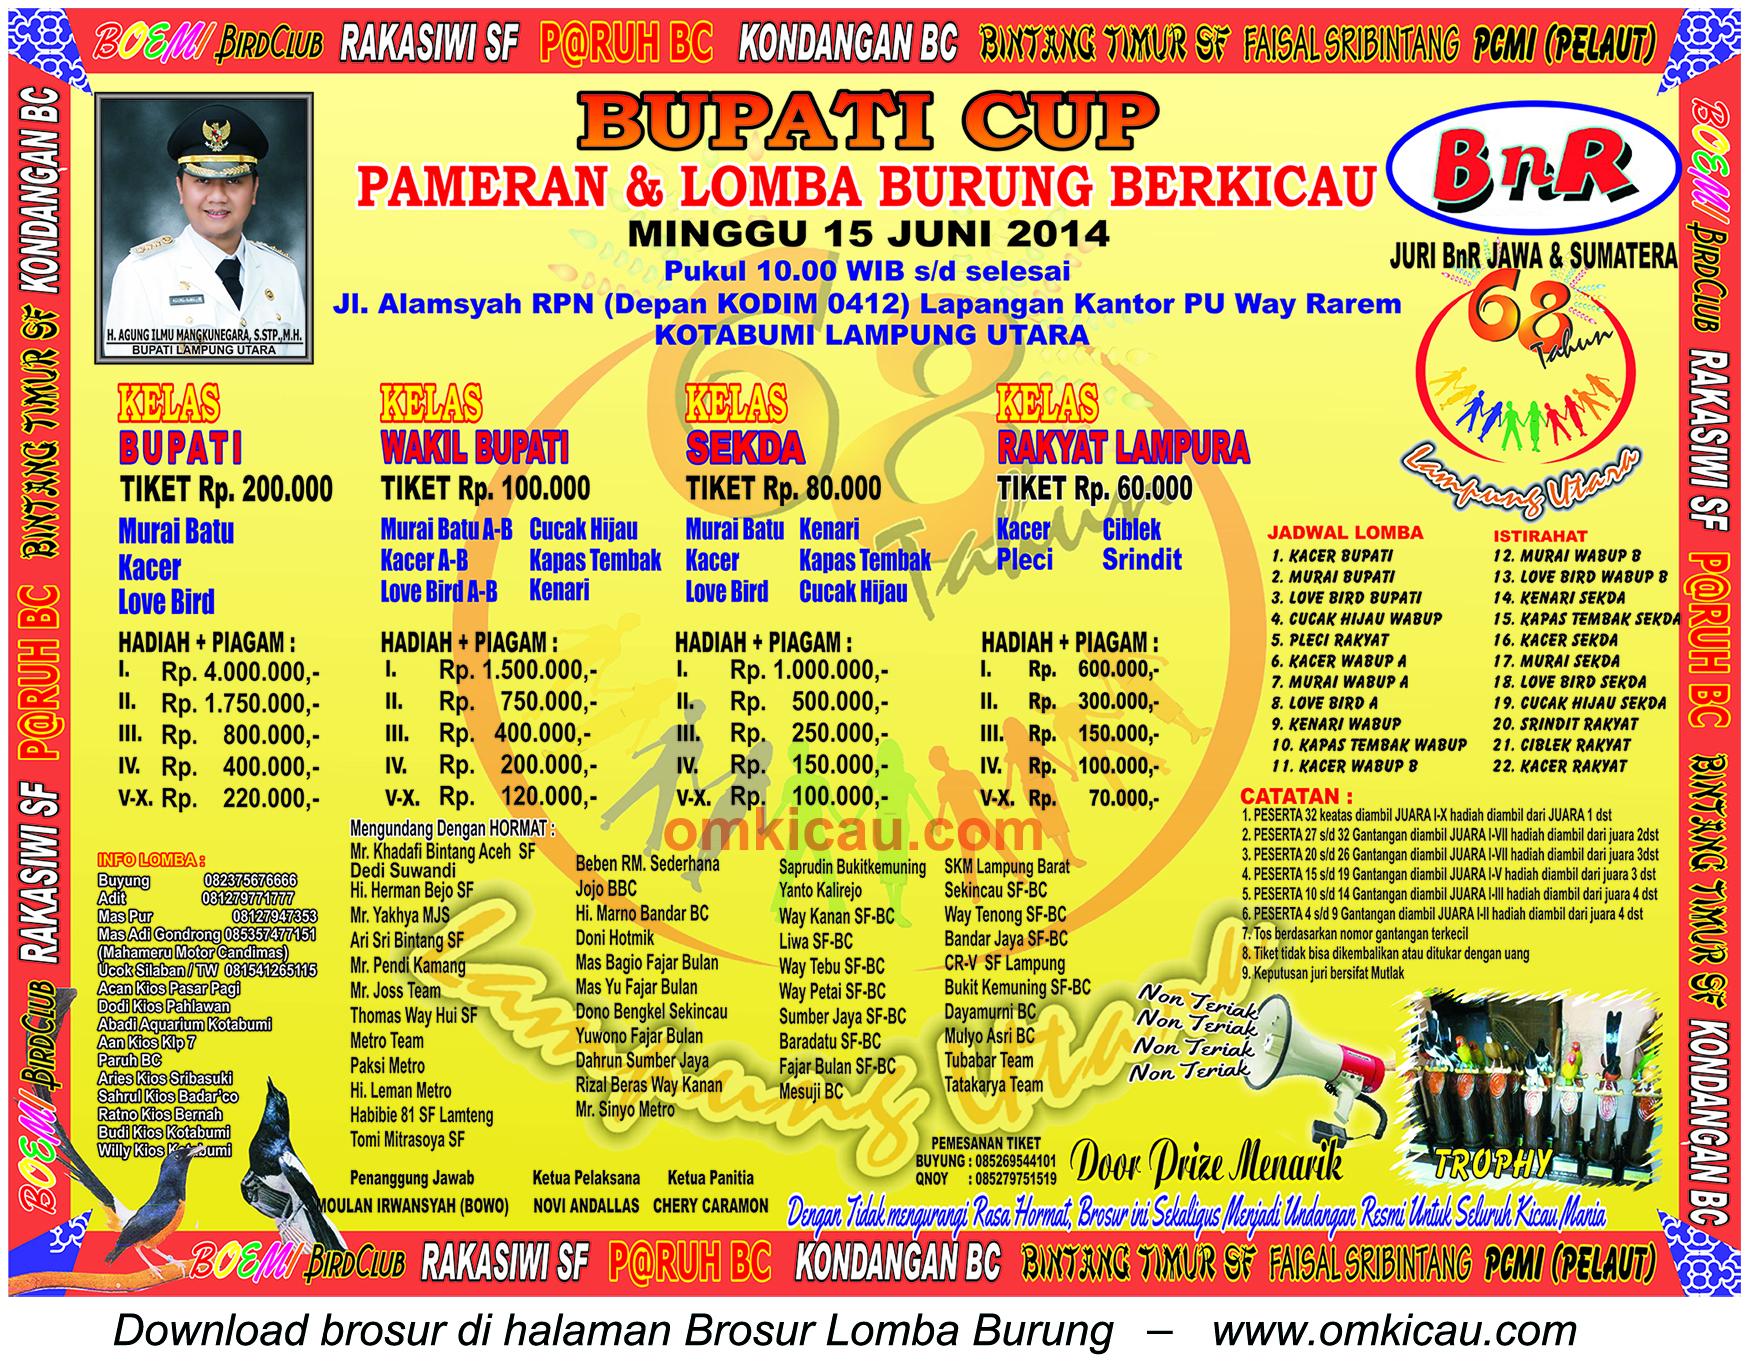 Brosur Lomba Burung Berkicau Bupati Cup, Lampung Utara, 15 Juni 2014